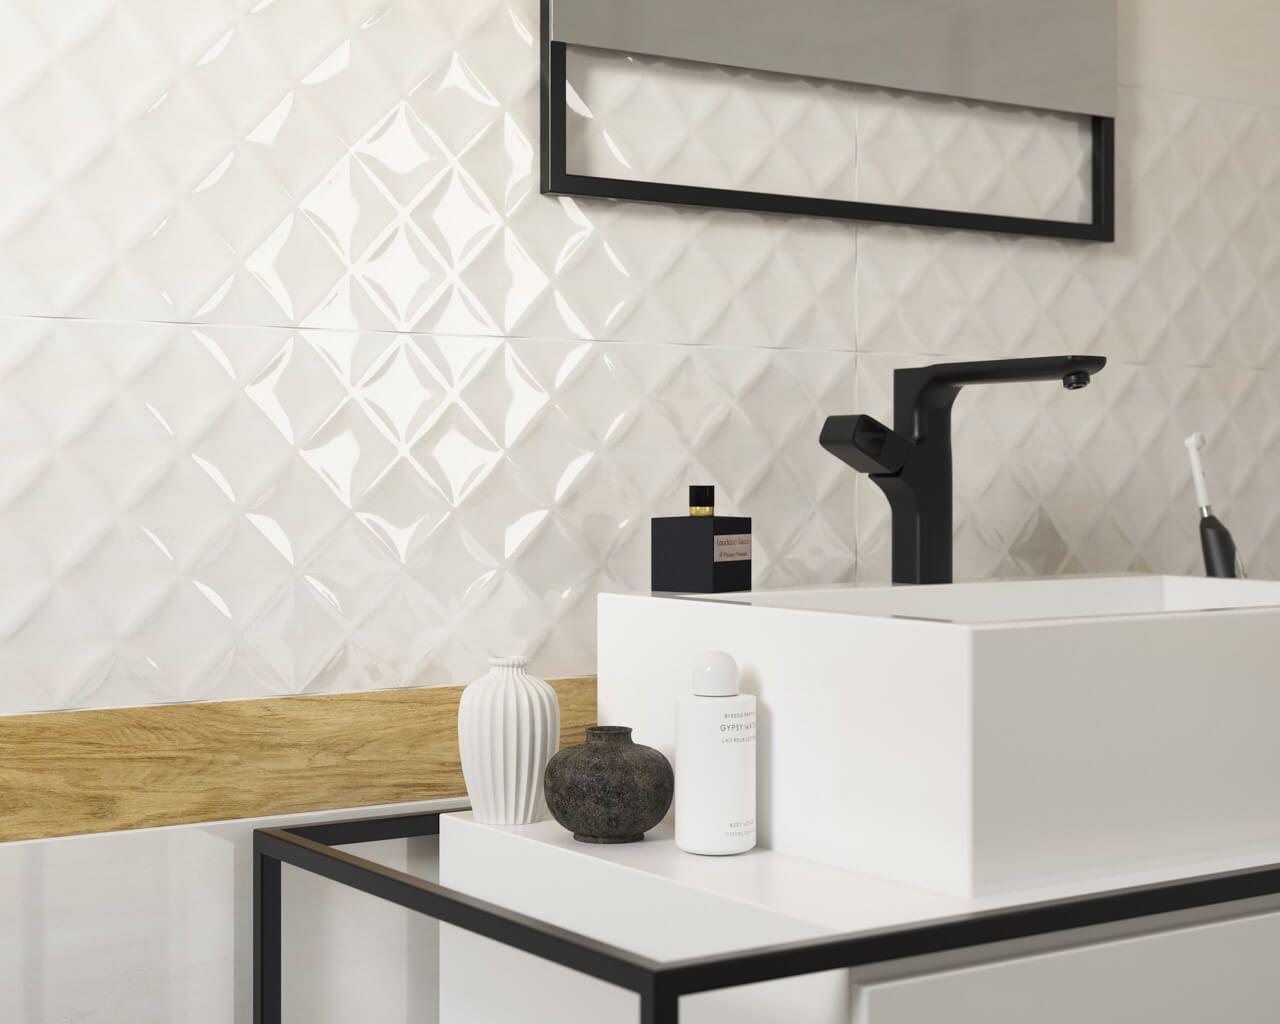 Biała łazienka Z Błyszczącymi Strukturalnymi Płytkami